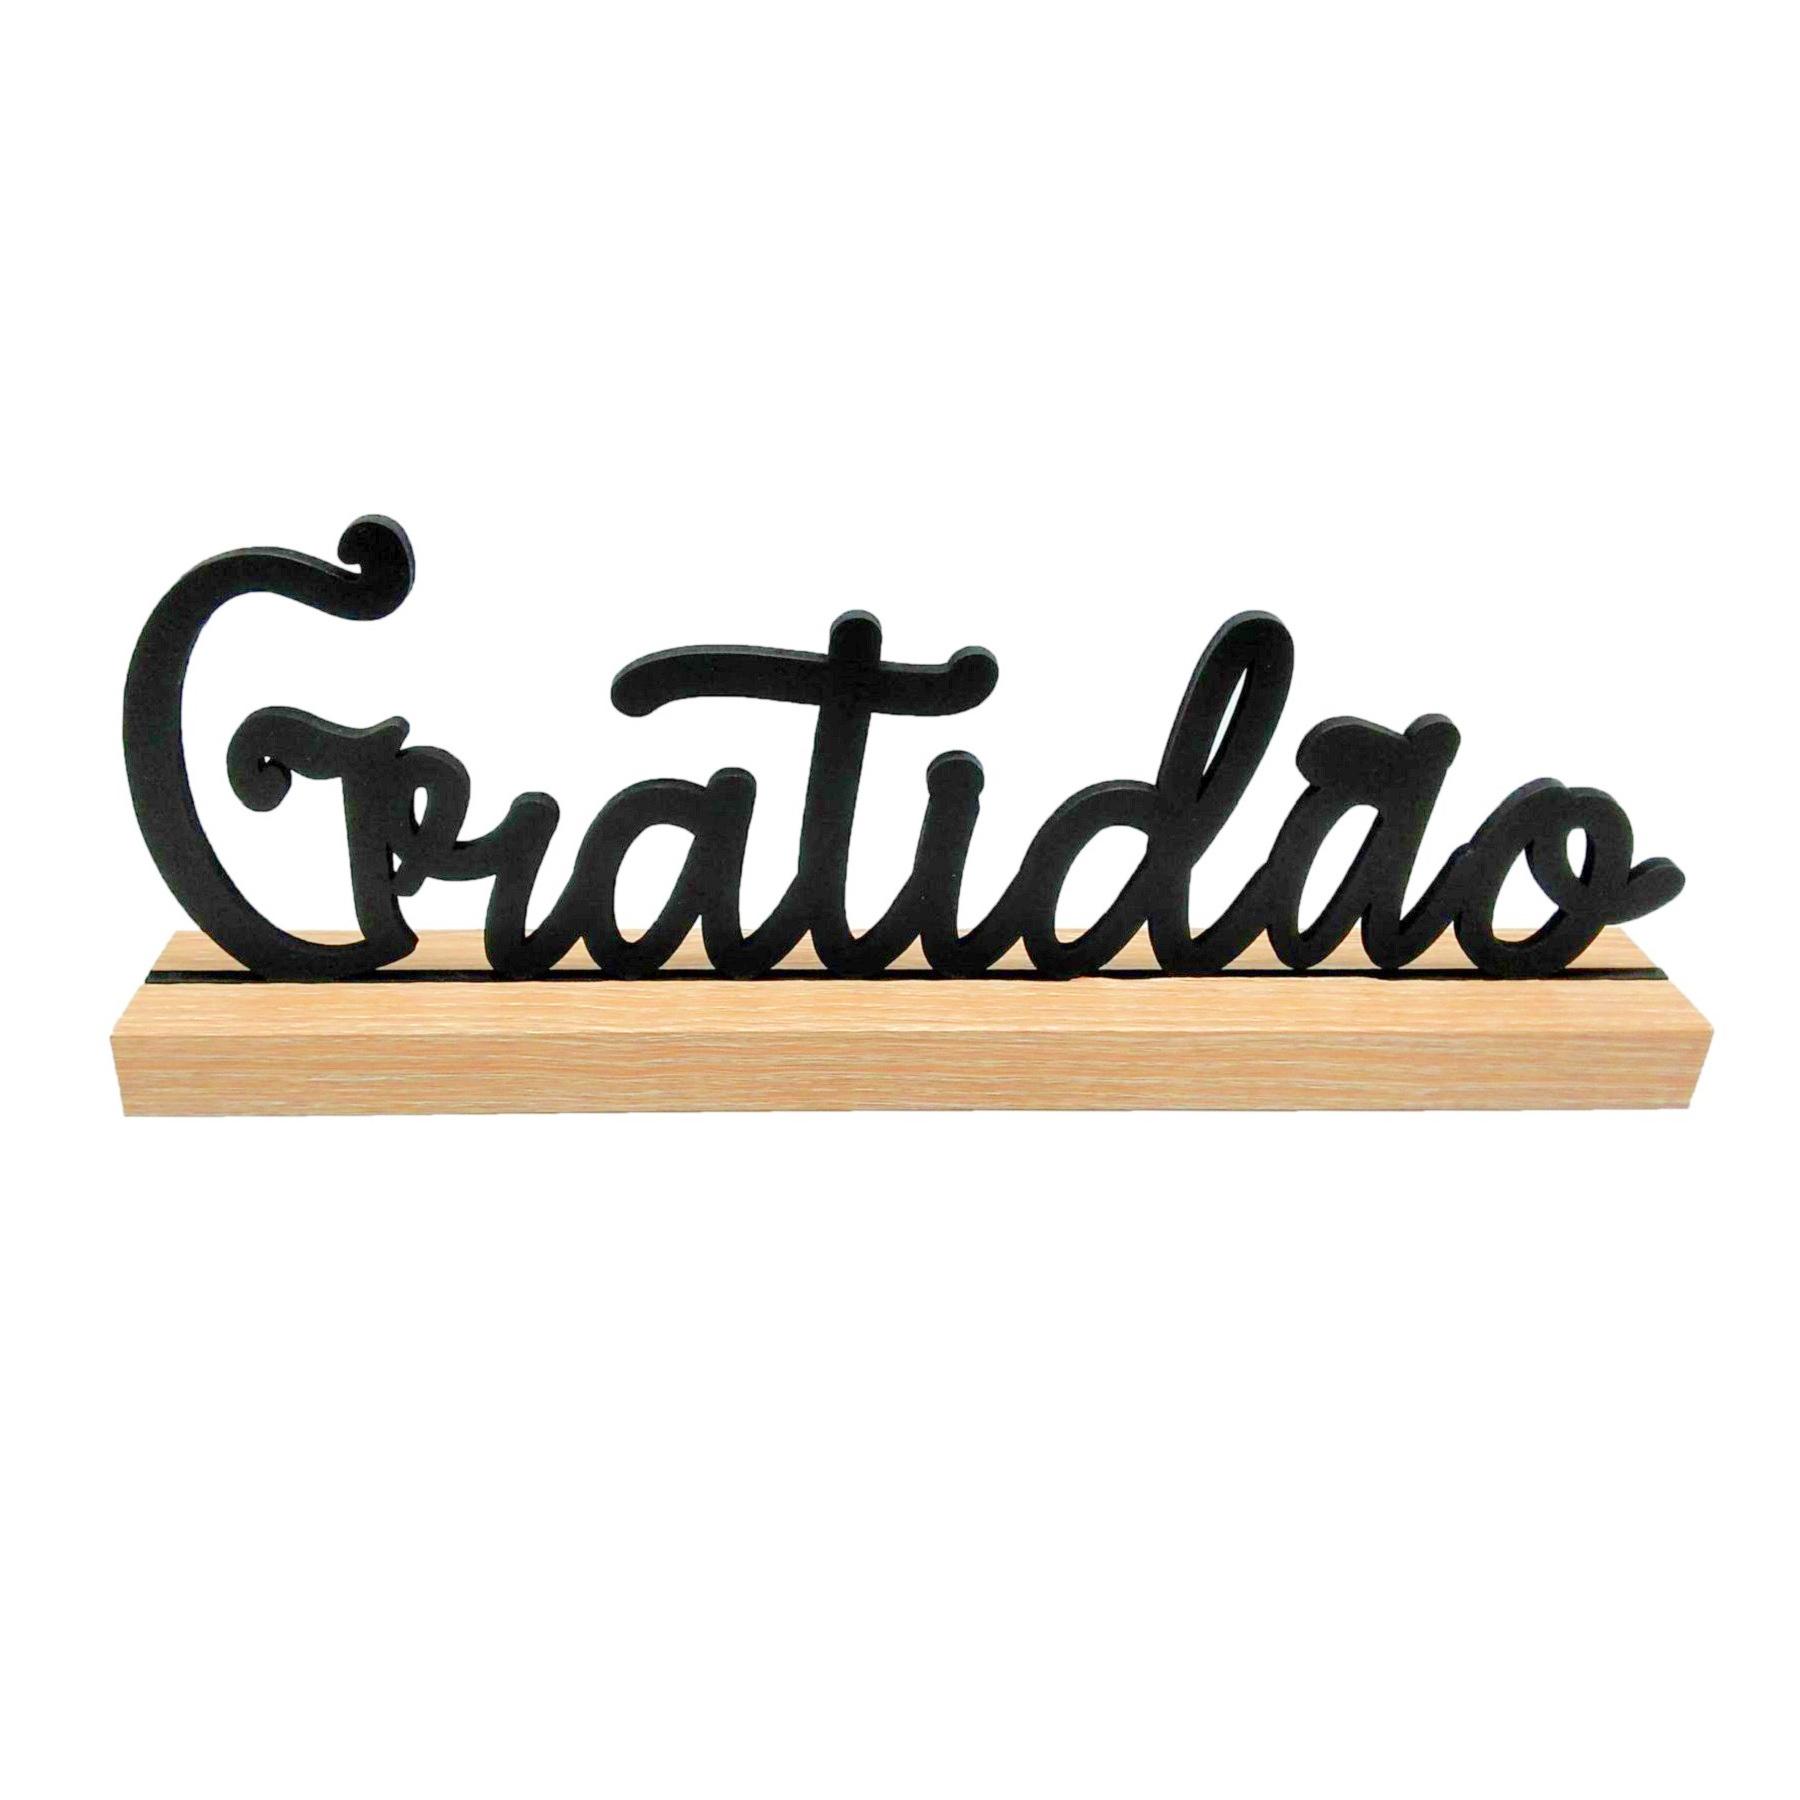 Letreiro Gratidão em madeira